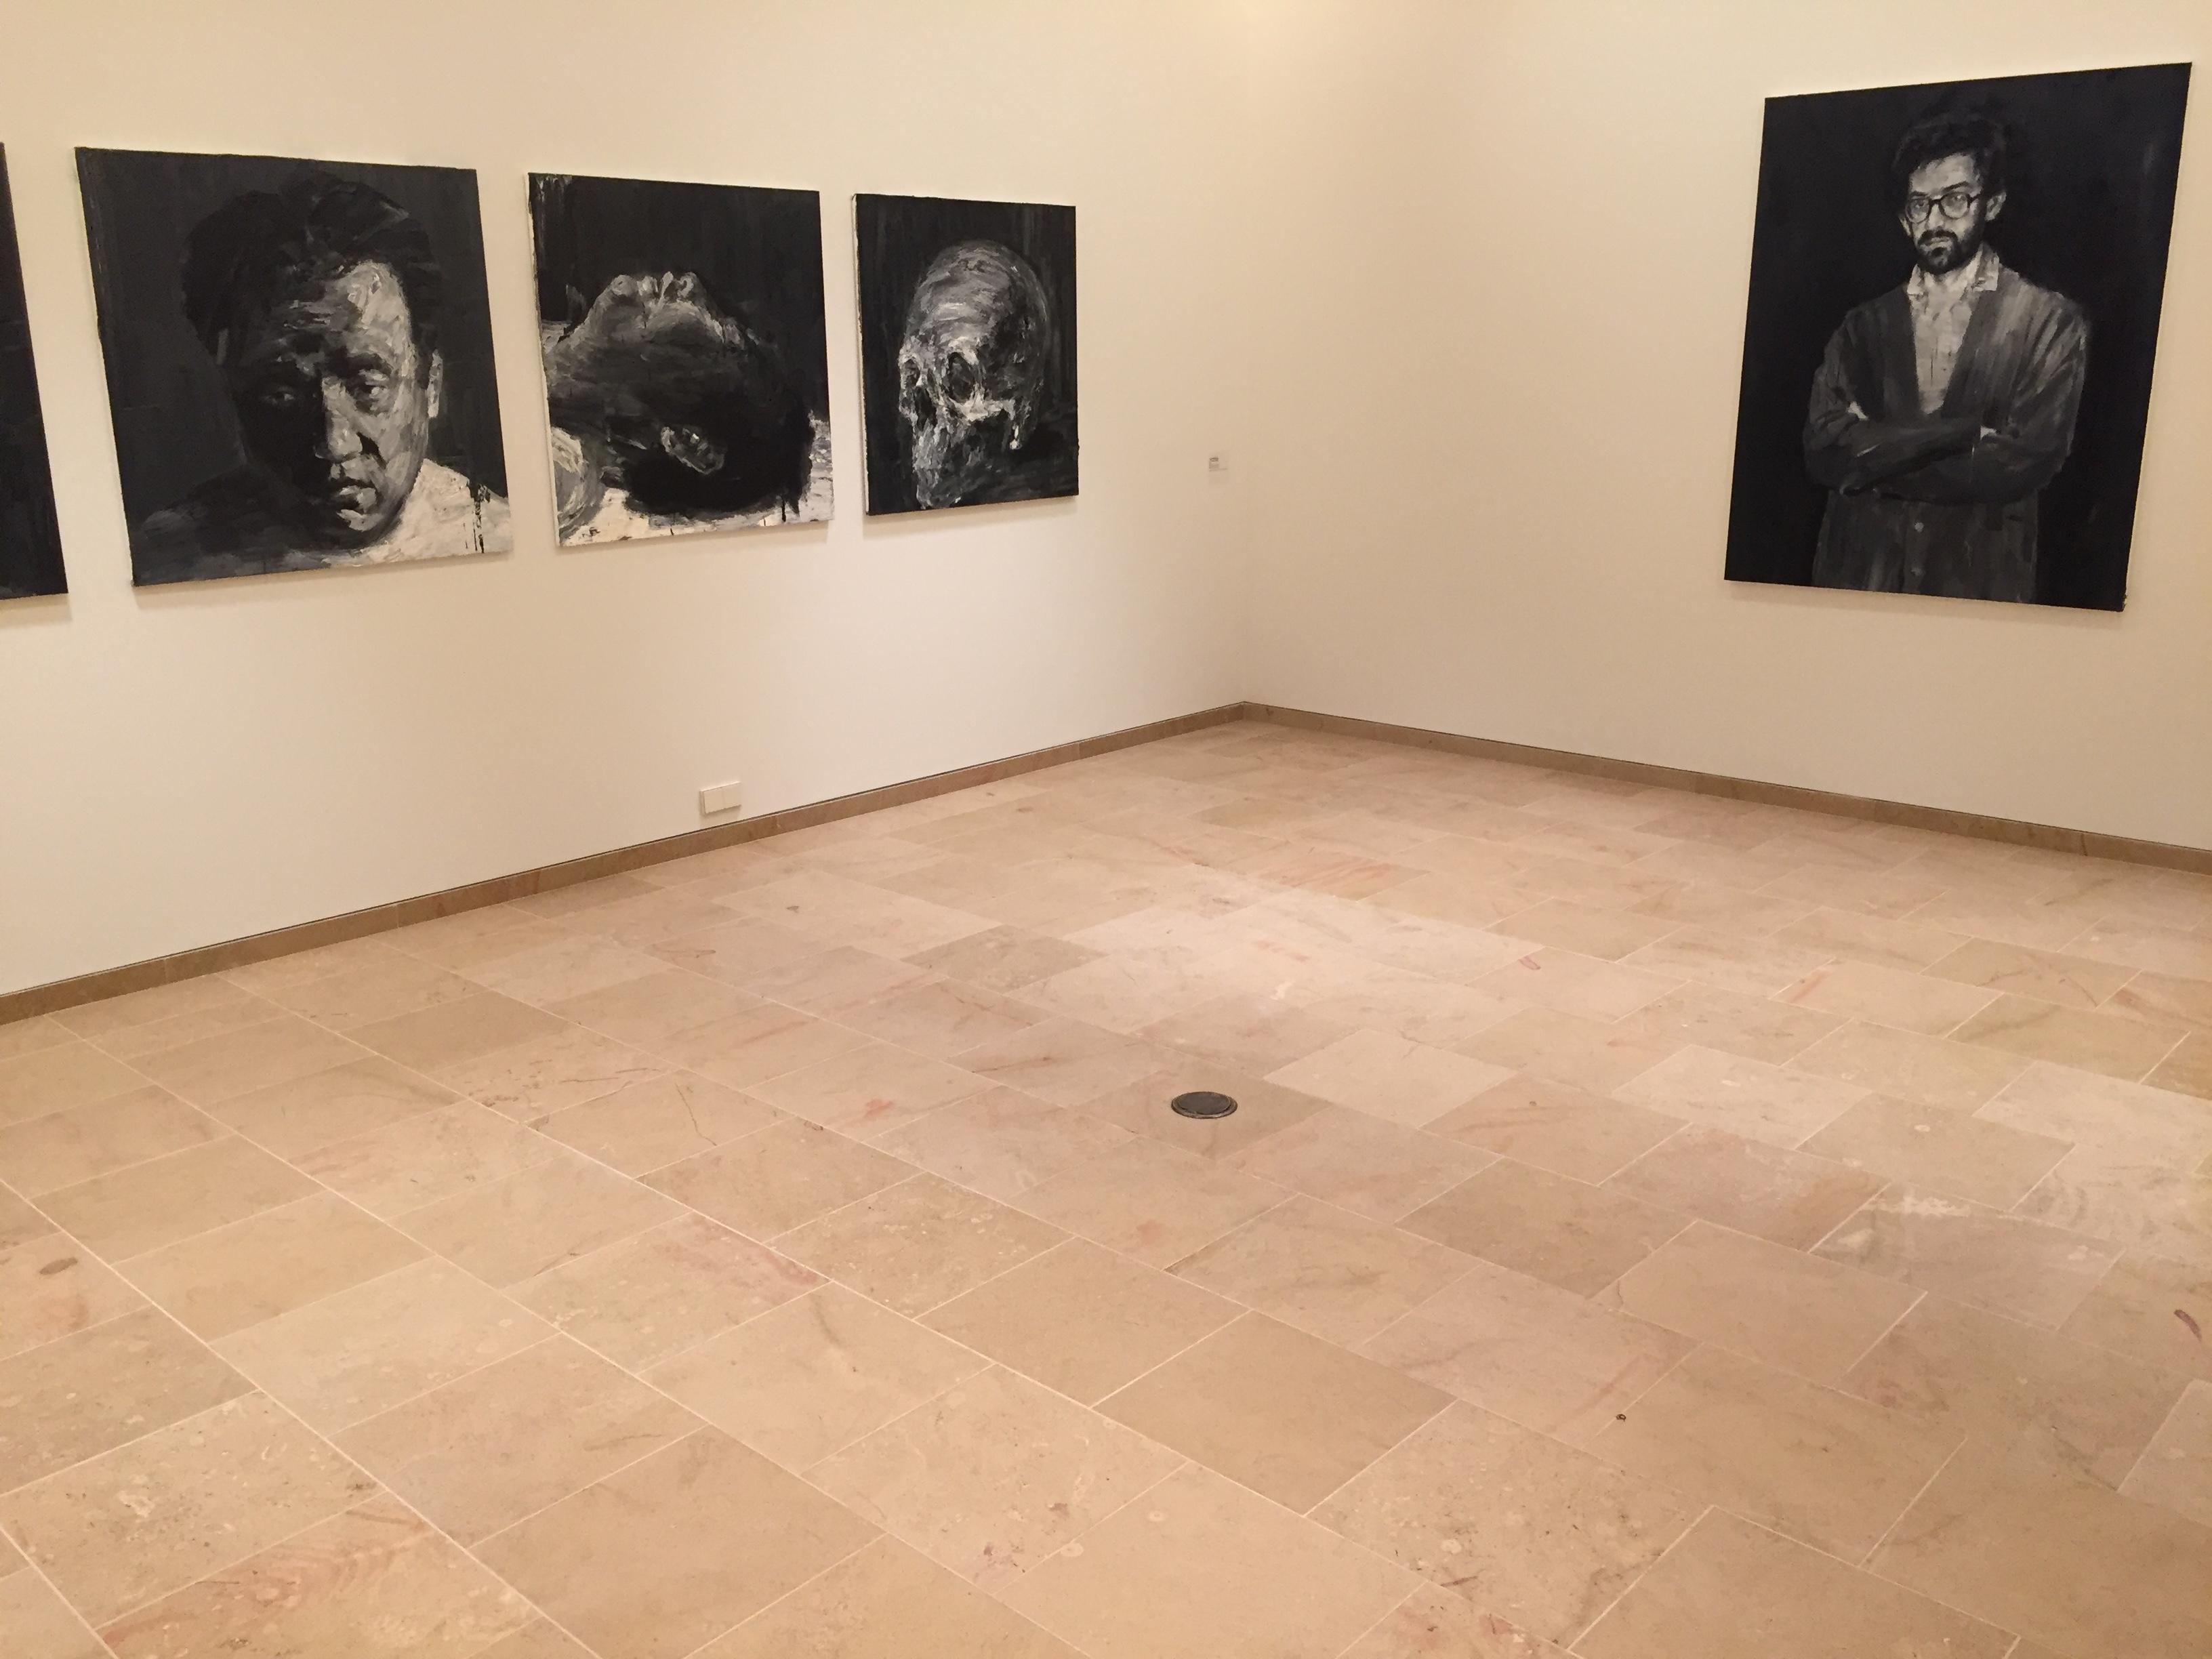 musée des beaux arts dijon corton dallage escalier SETP